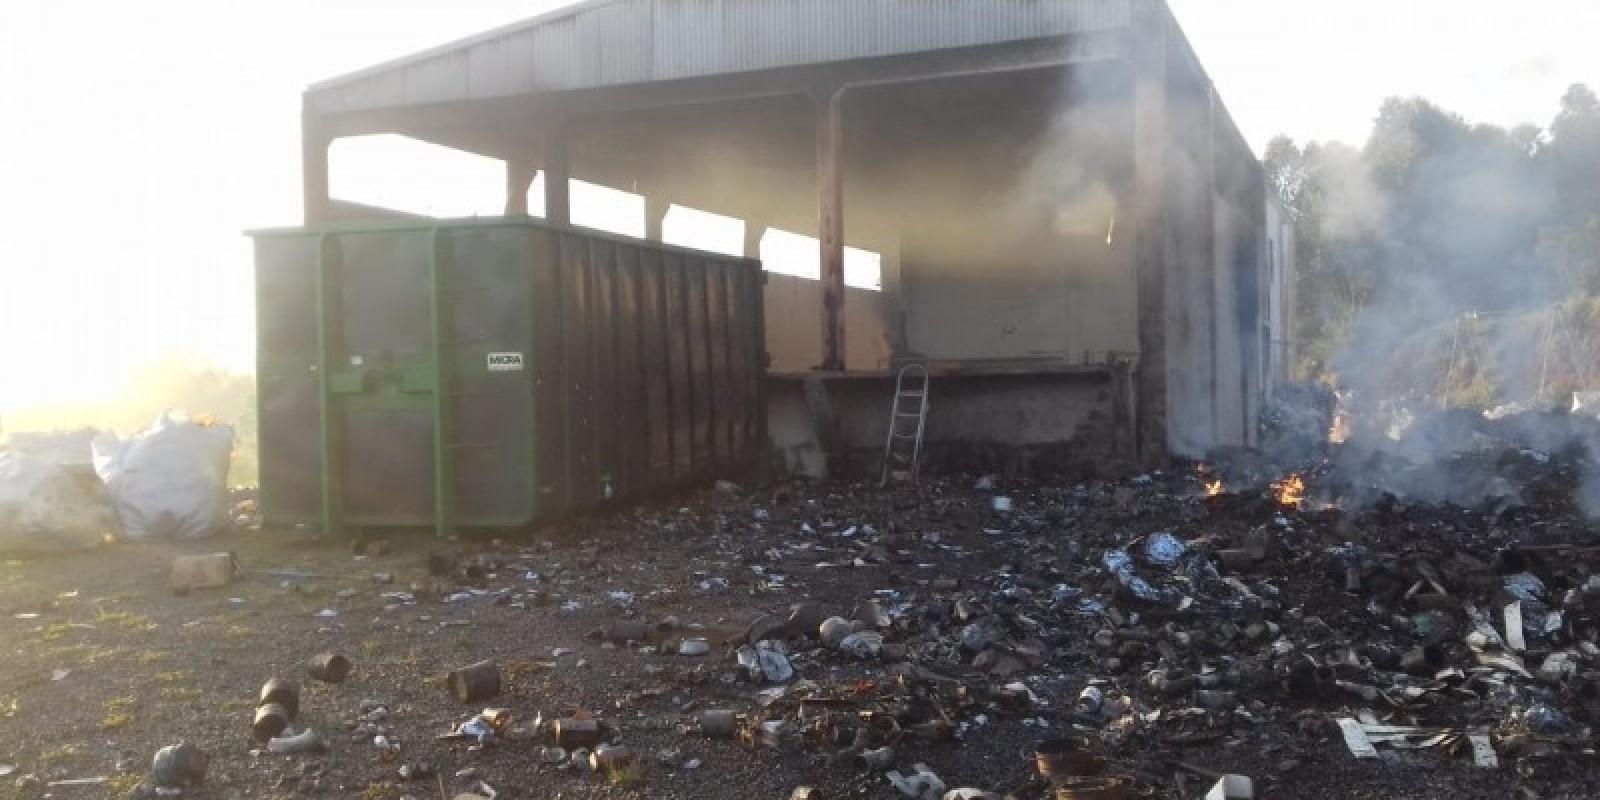 Pavilhão utilizado para reciclagem é atingido por incêndio em Içara